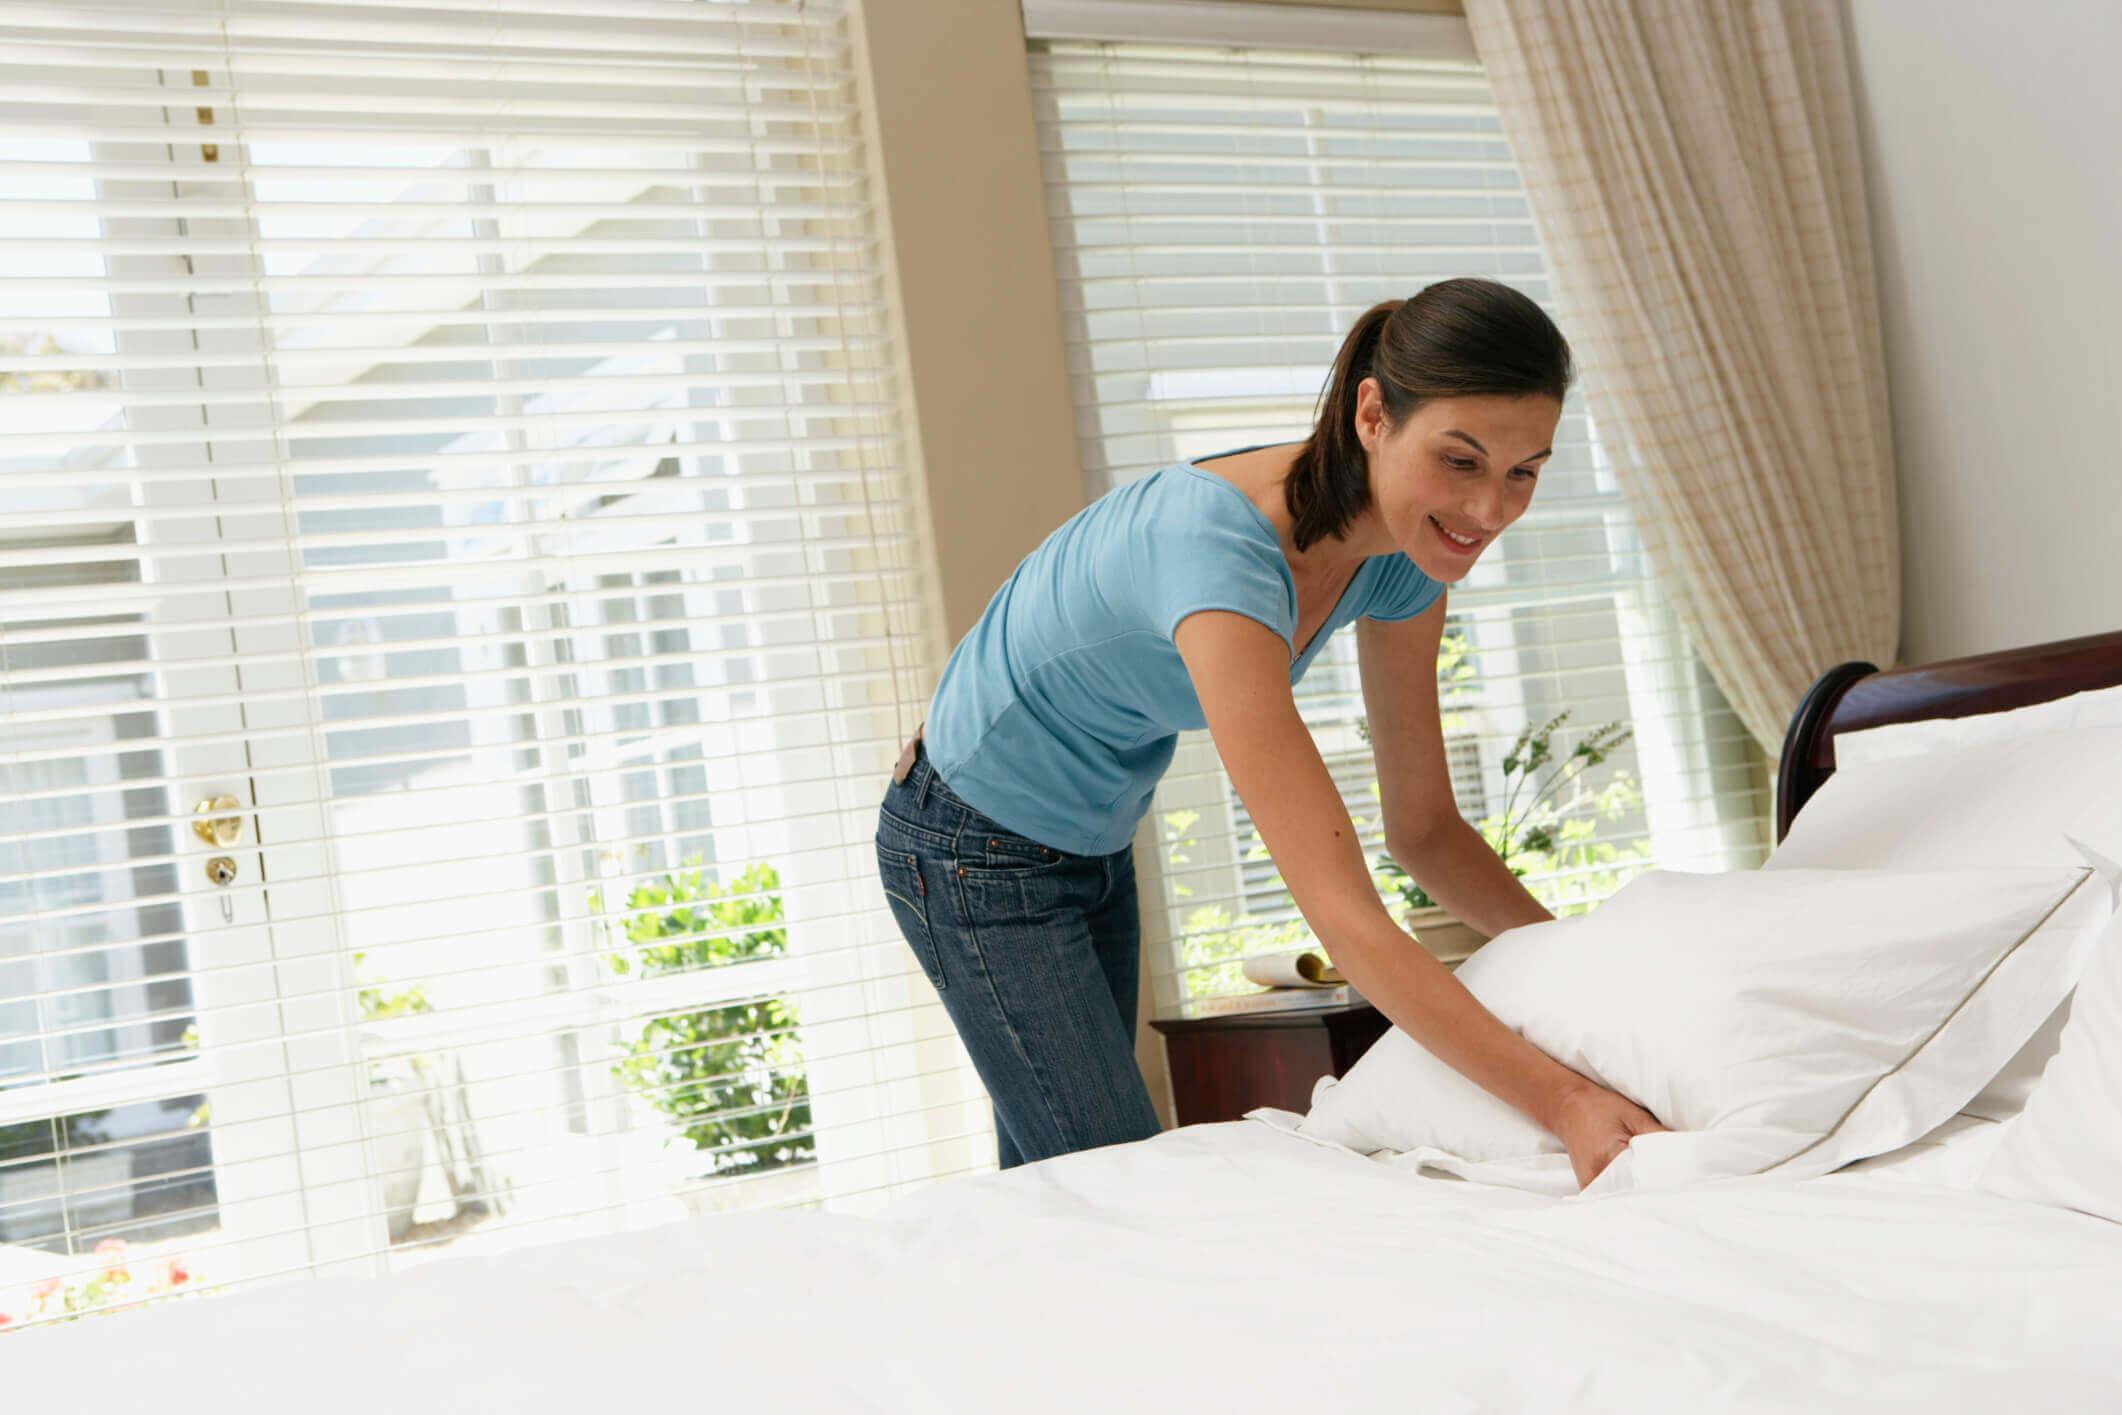 Maak je bed op voordat je het huis verlaat